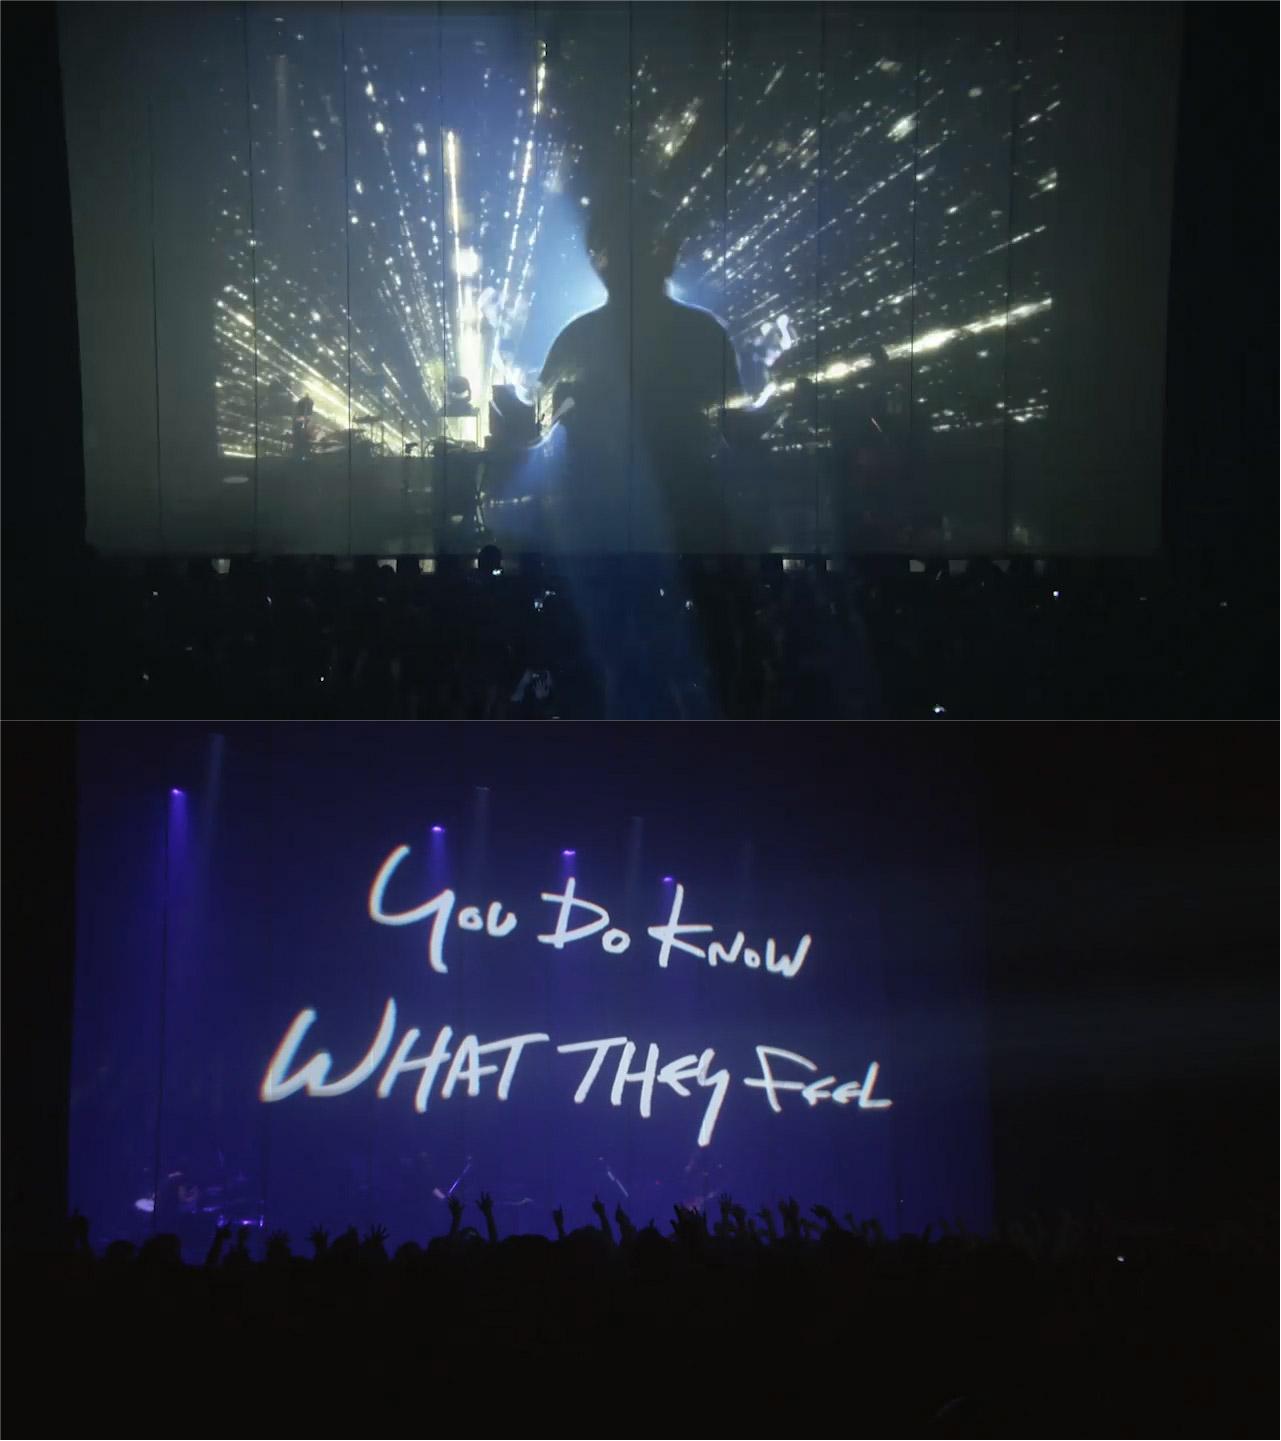 バンドと客席を隔てたスクリーンに映し出される川島さんのシルエットや歌詞